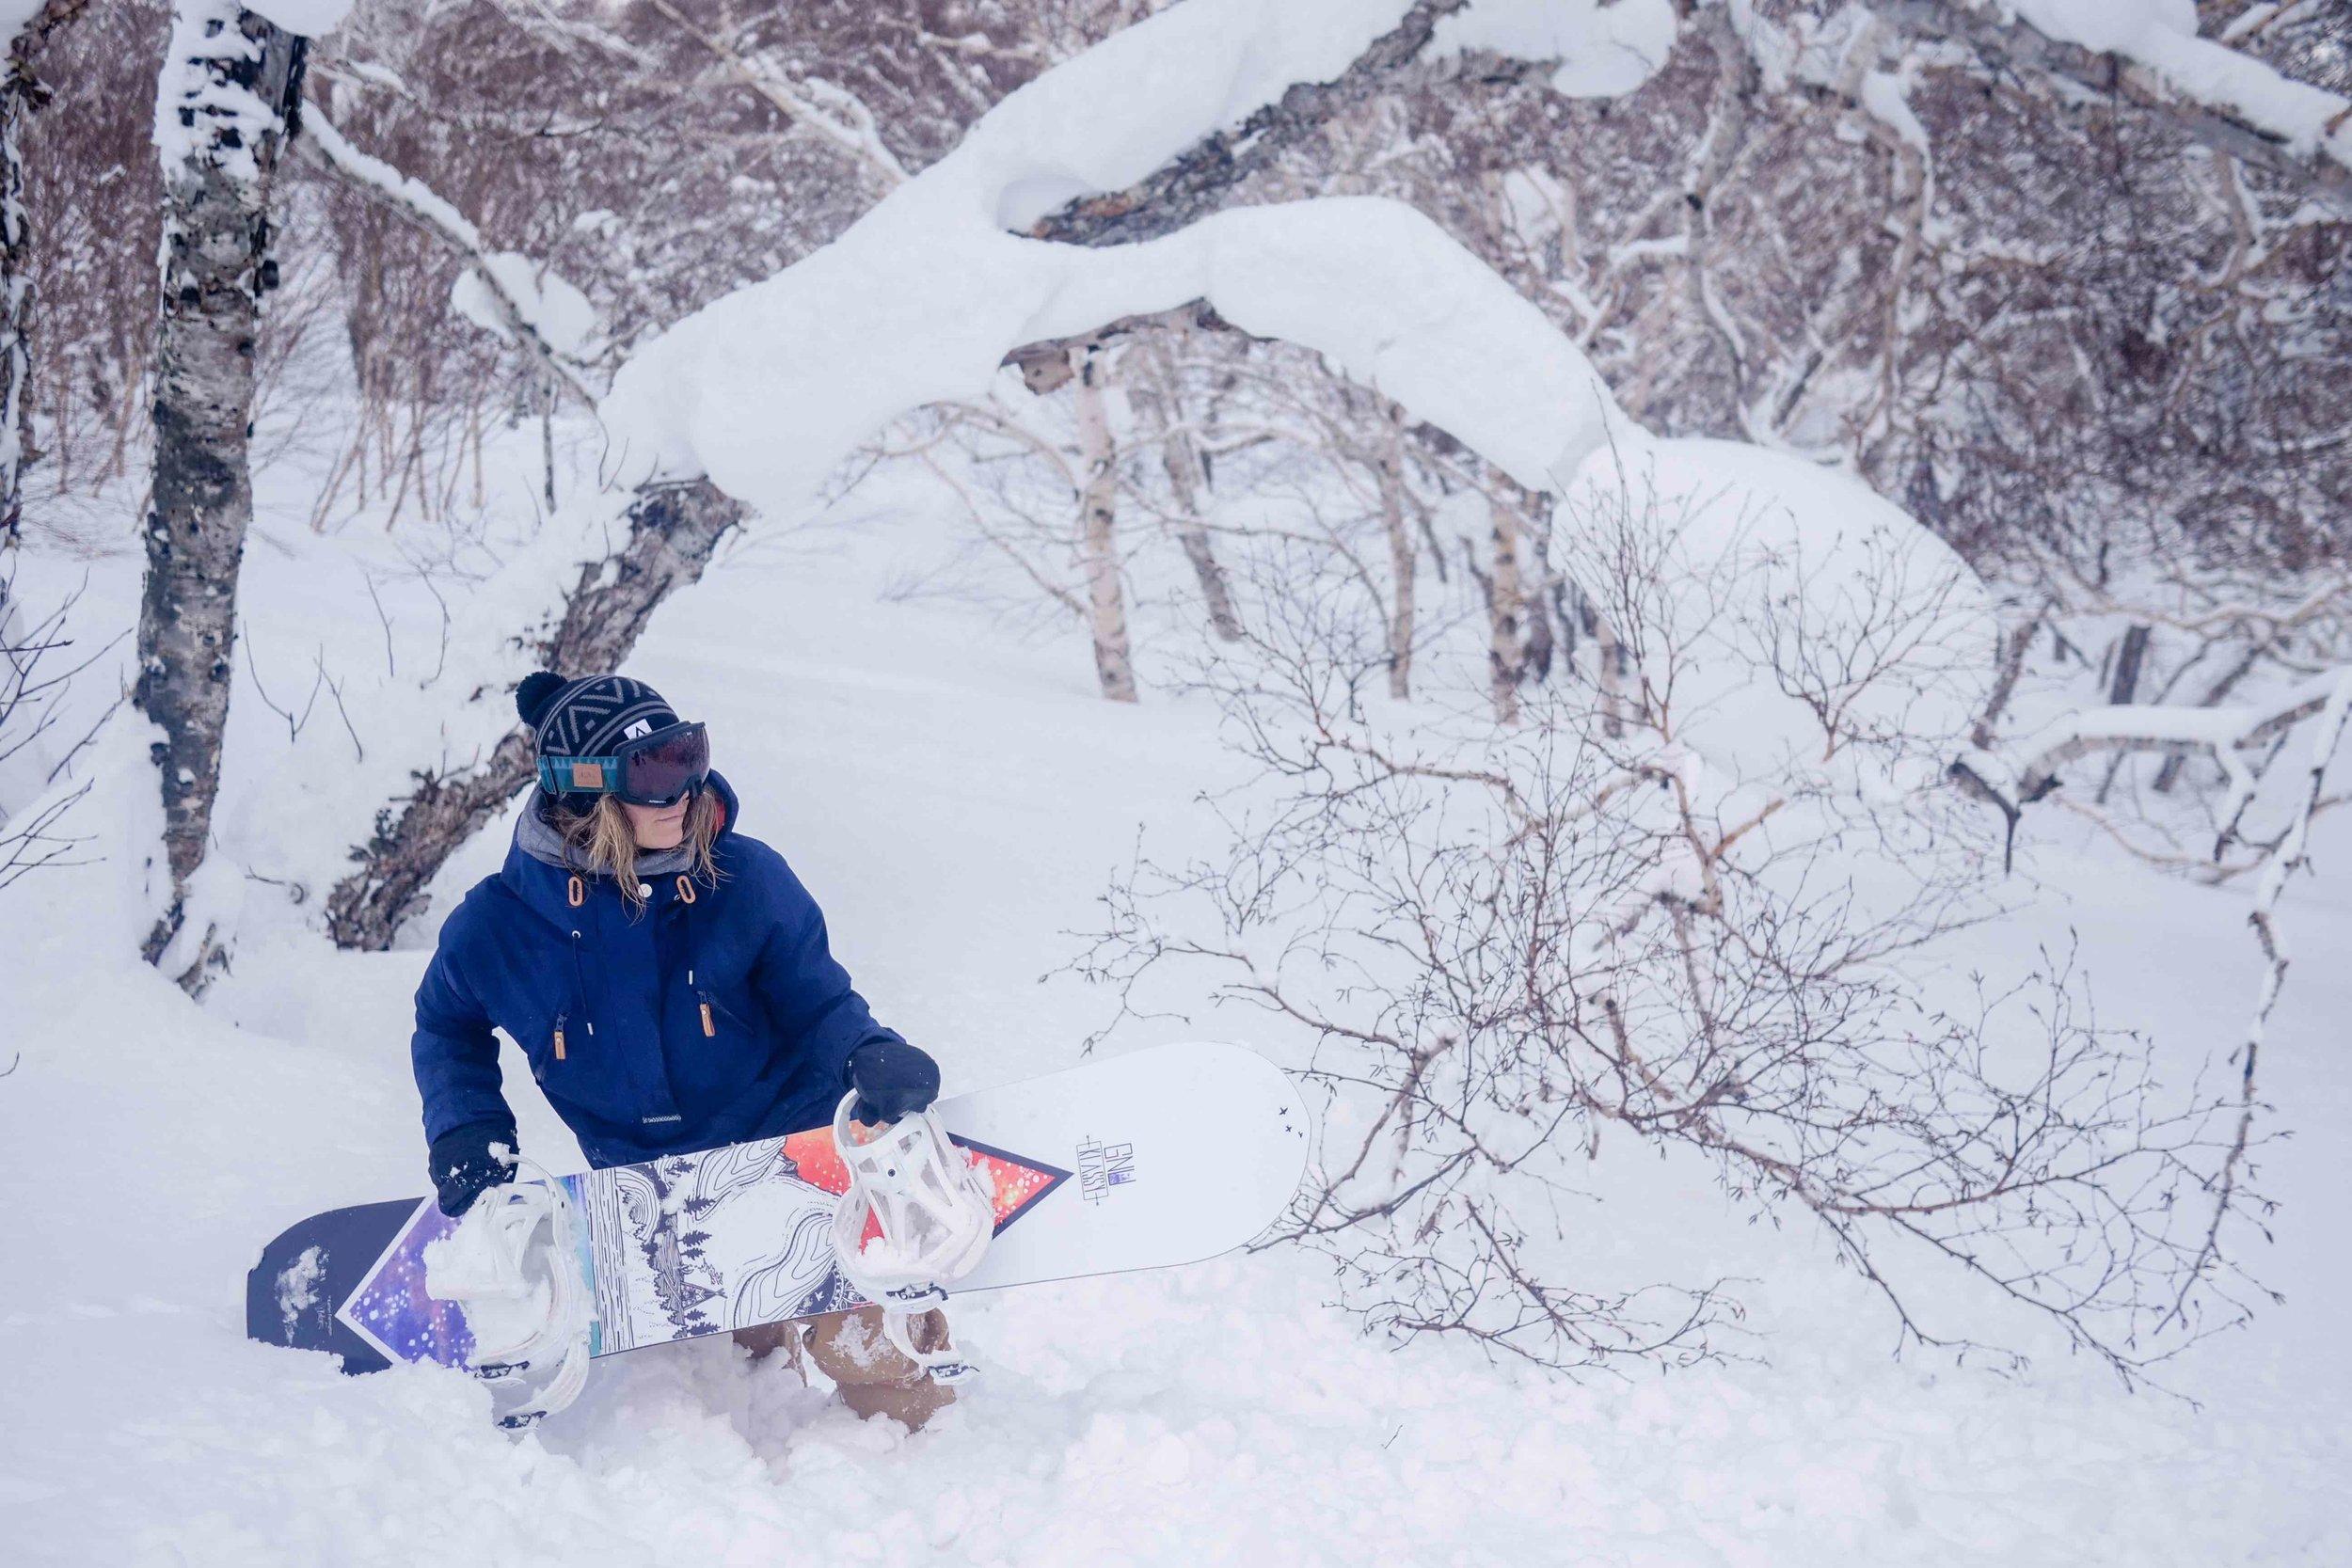 KJERSTI BUAAS SNOWBOARDING JAPOW FOREST.jpg